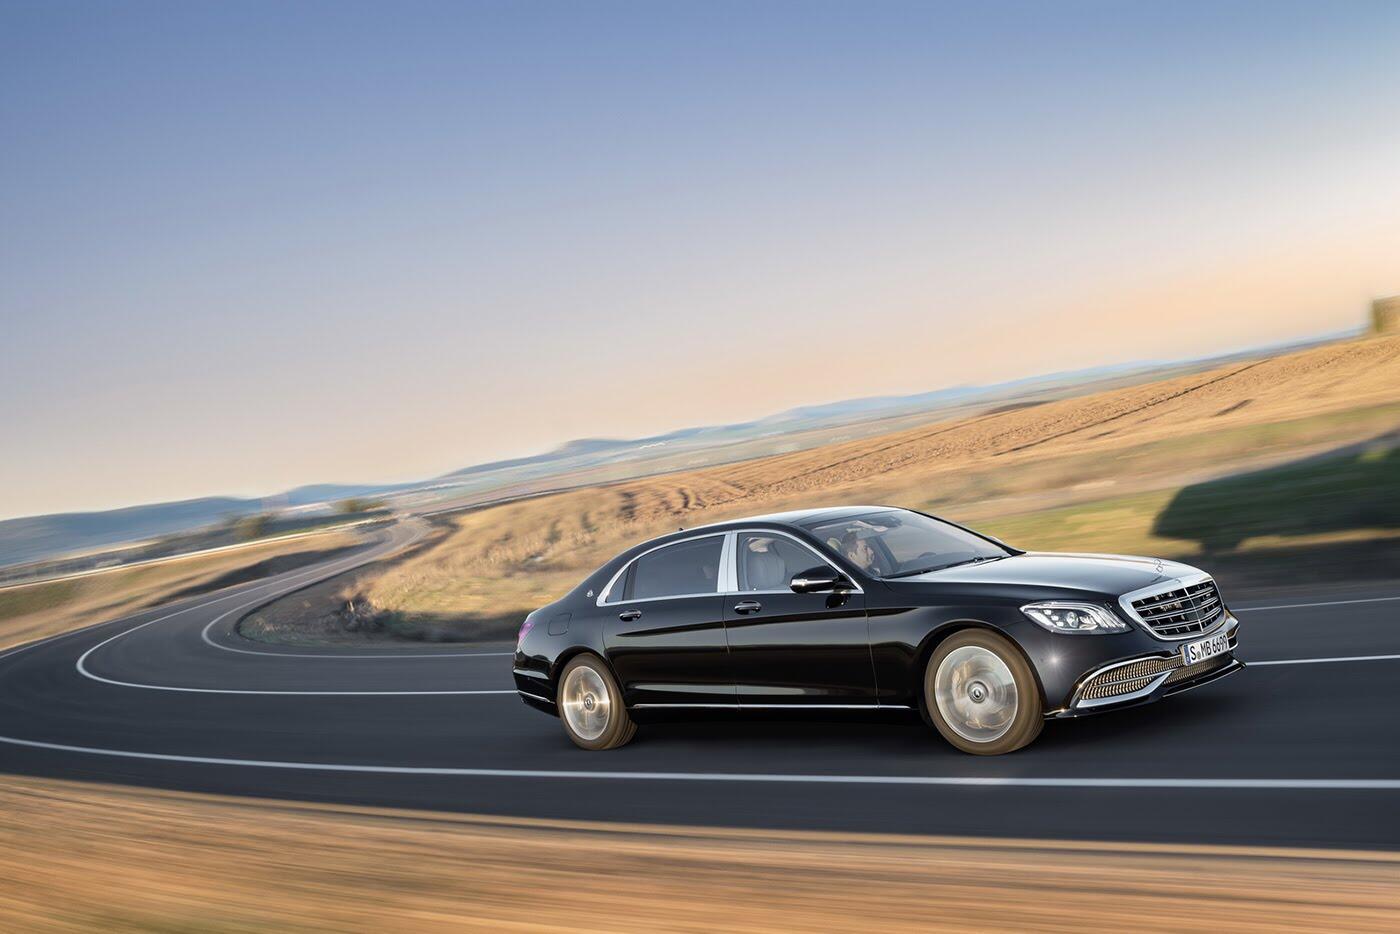 """Chiêm ngưỡng """"kiệt tác"""" Mercedes-Benz S-Class 2018 - Hình 1"""